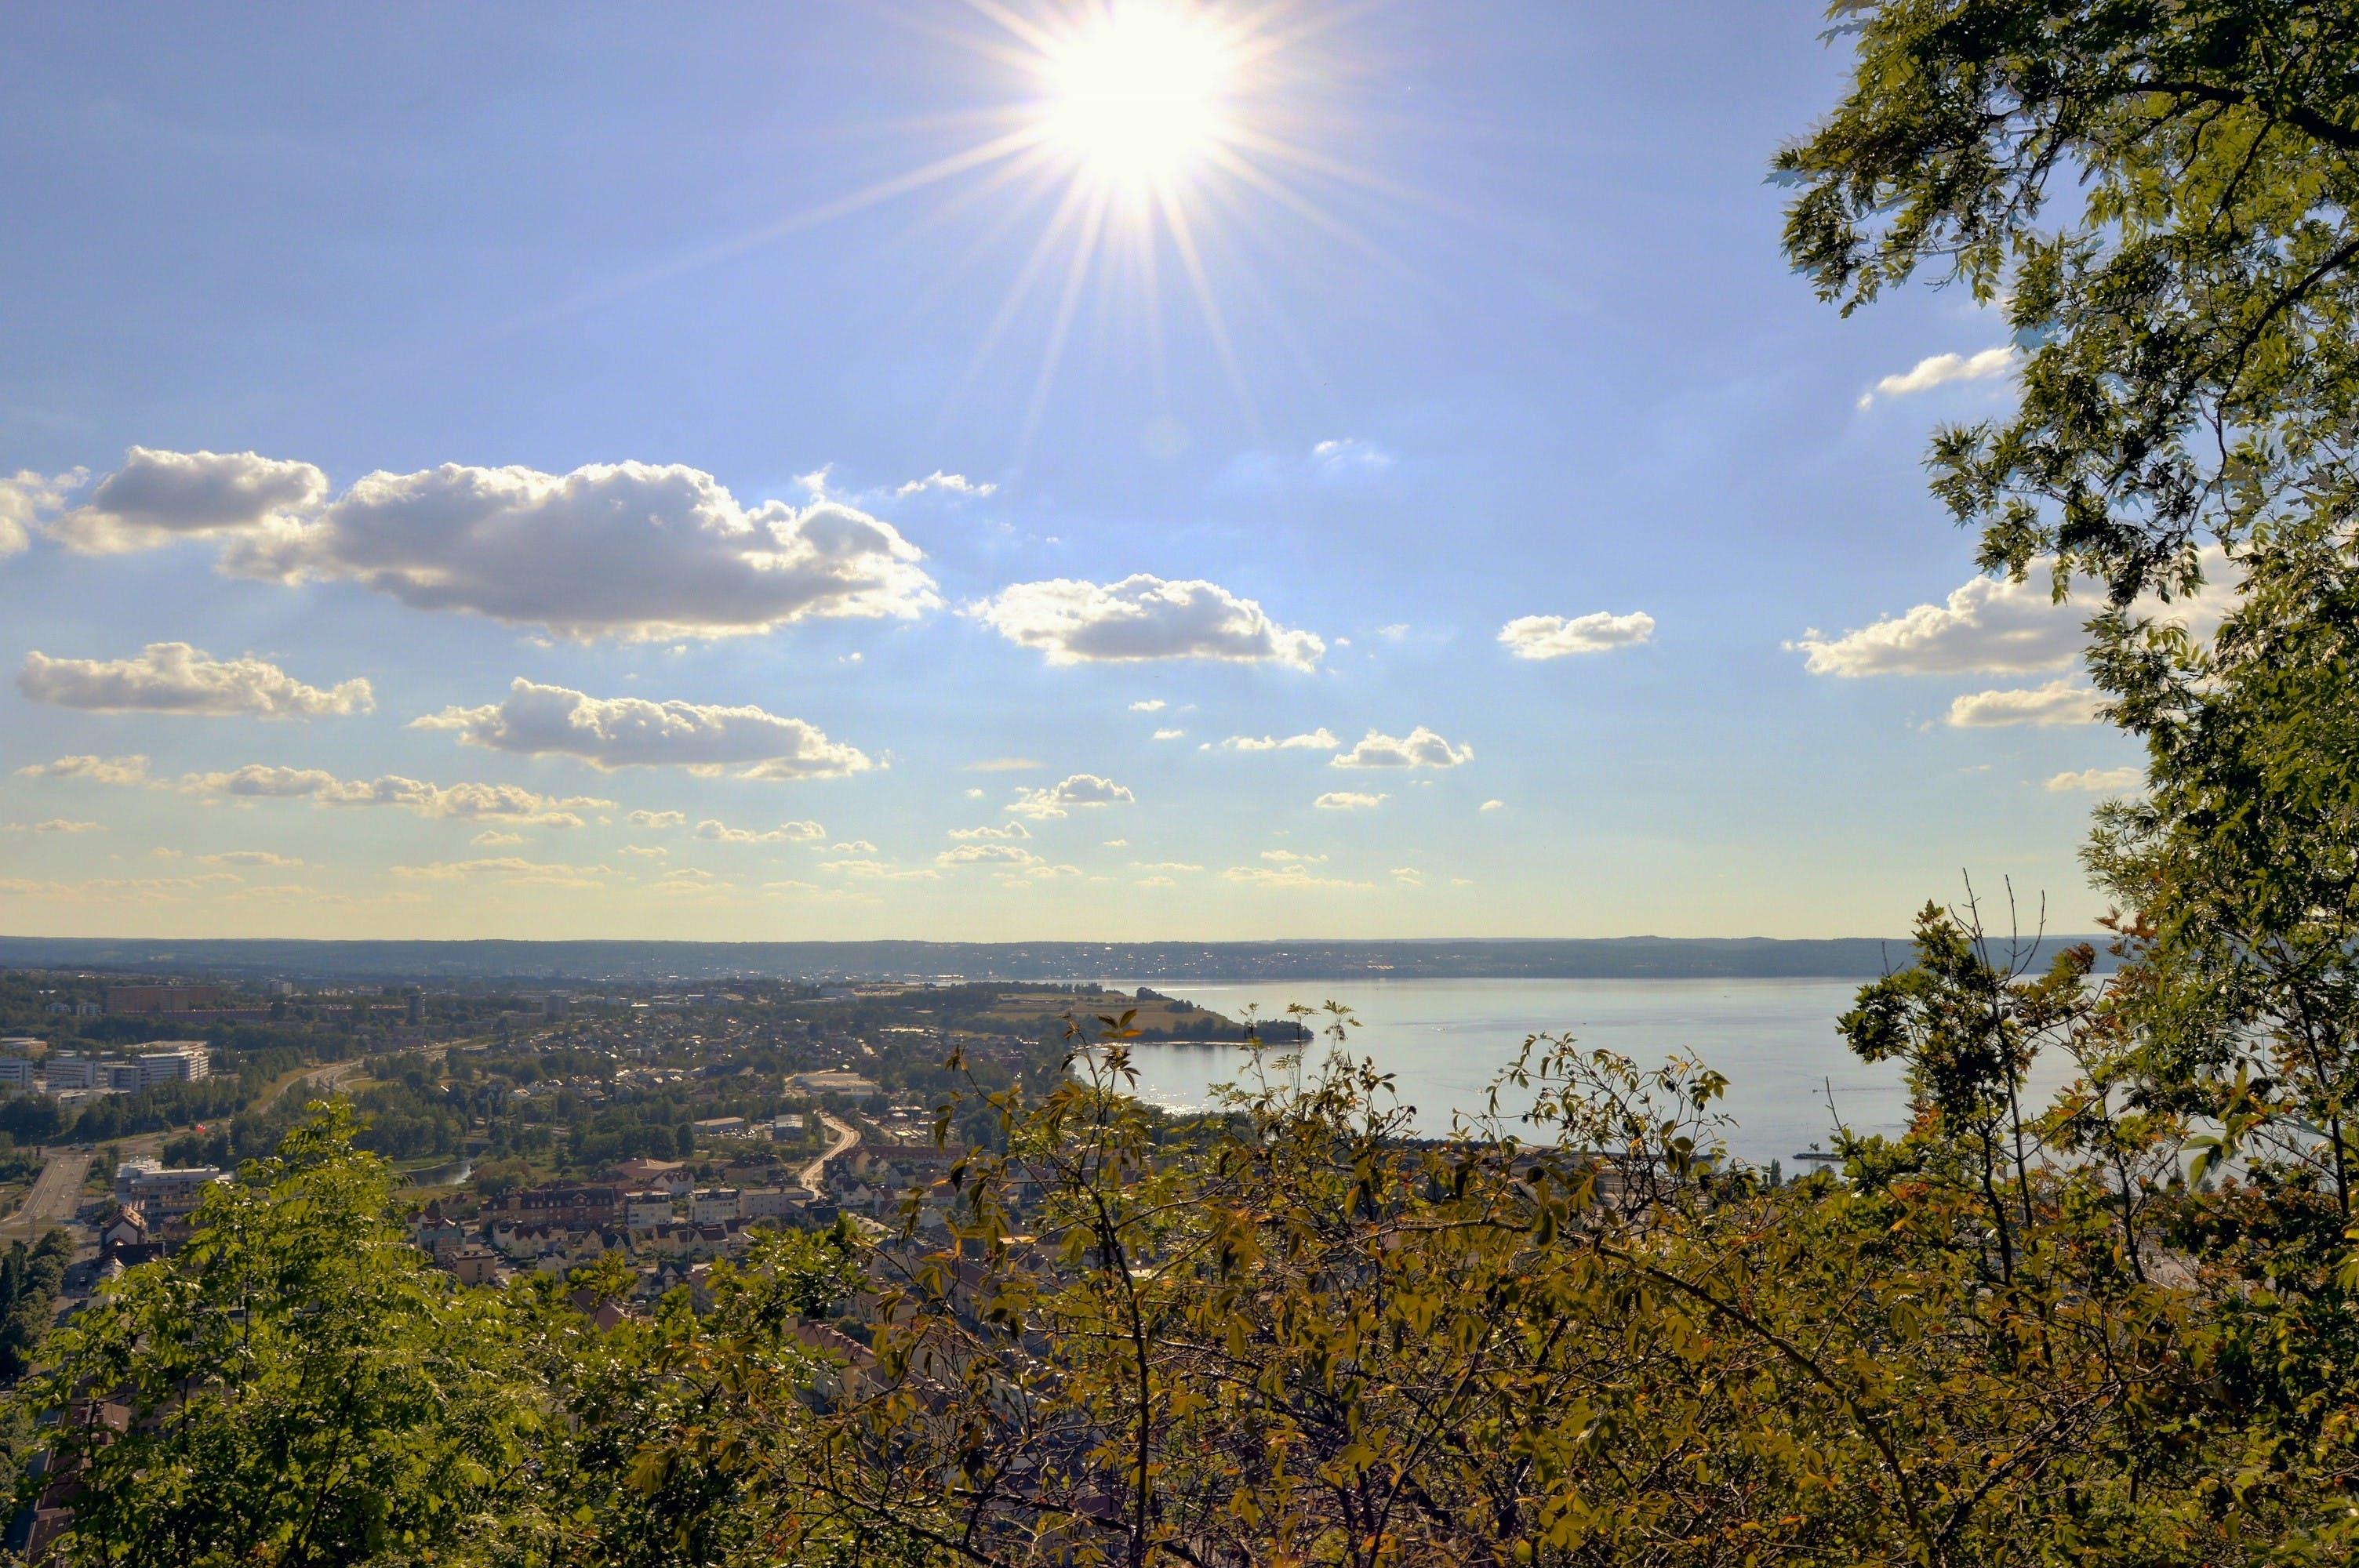 Fotos de stock gratuitas de agua, árbol, bosque, ciudad